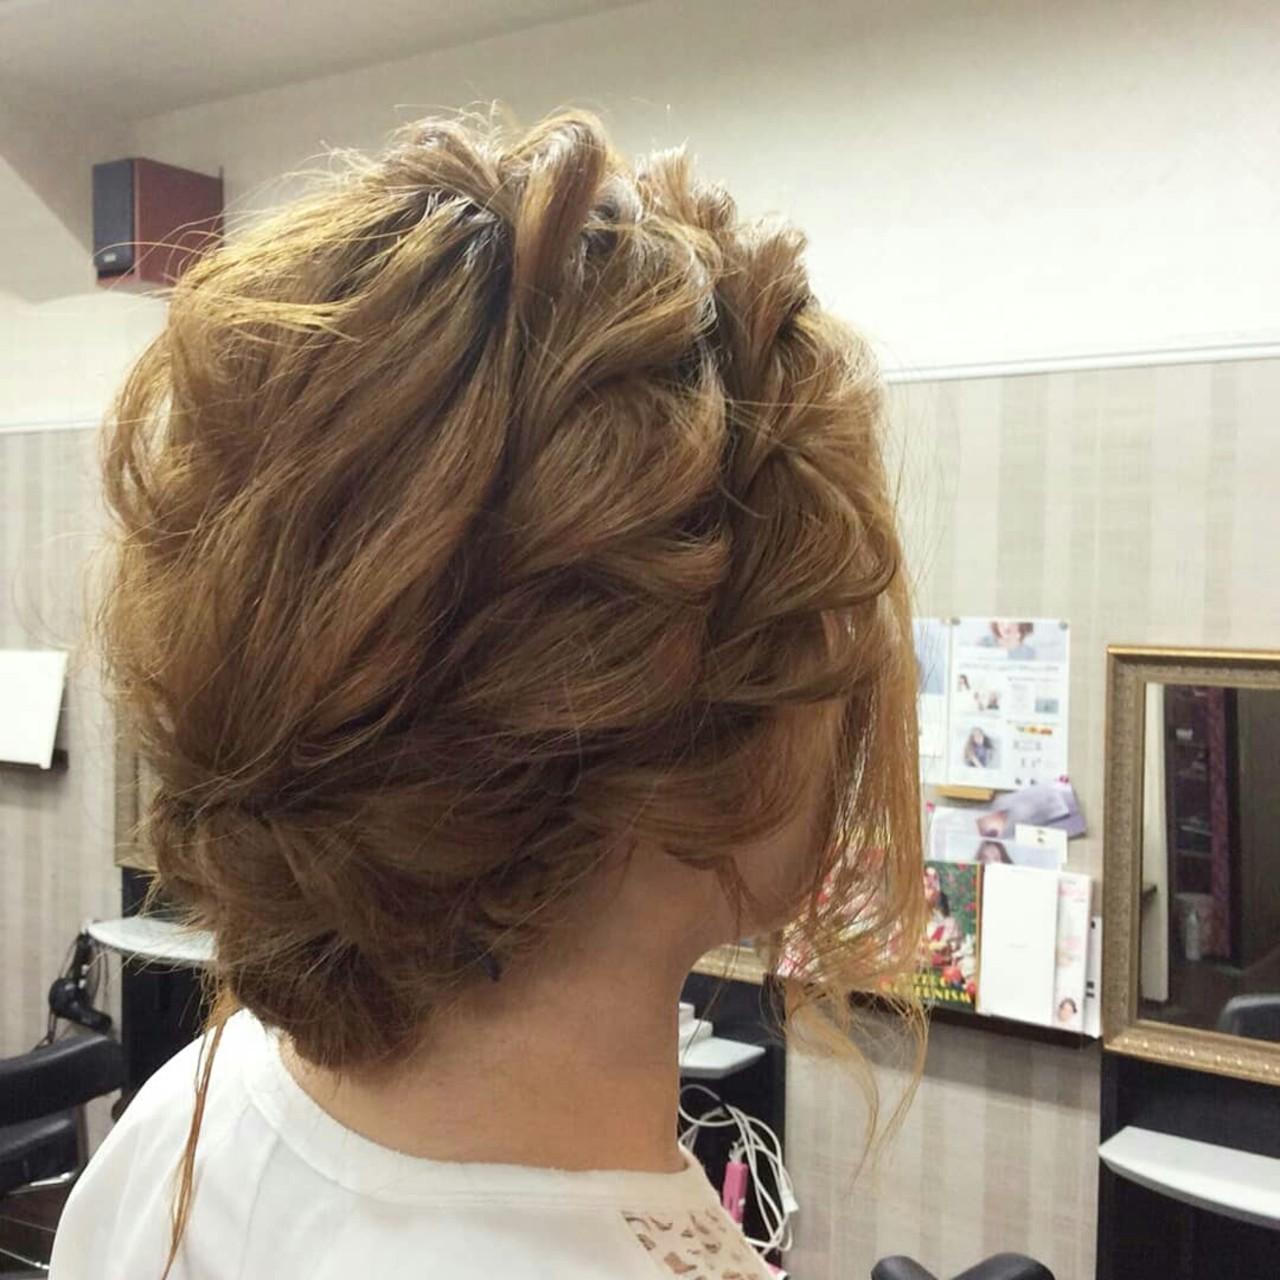 ヘアアレンジ 編み込み 結婚式 エレガント ヘアスタイルや髪型の写真・画像